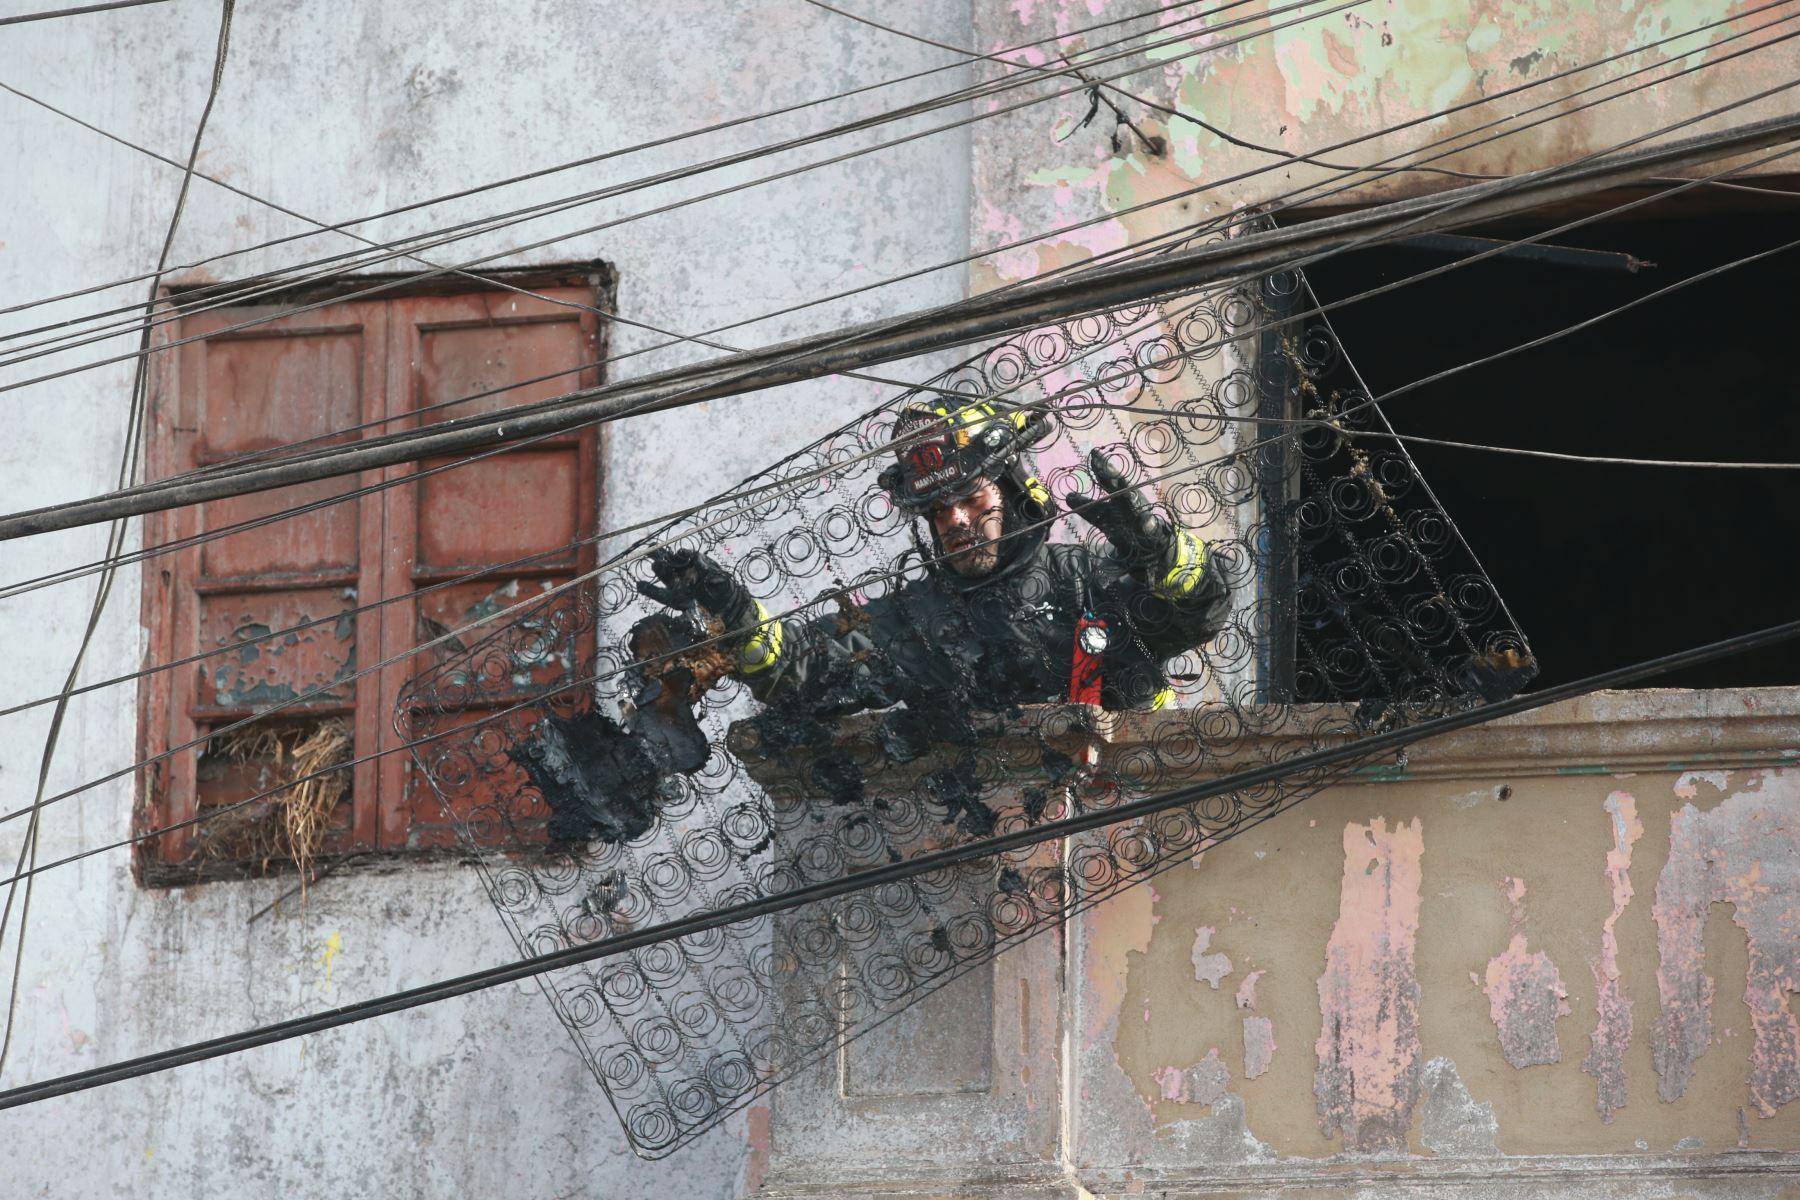 Un incendio de medianas proporciones se registro en el cruce de la avenida Jaime Bausate y Meza con el jirón Pisagua. Foto: ANDINA/Jhony Laurente